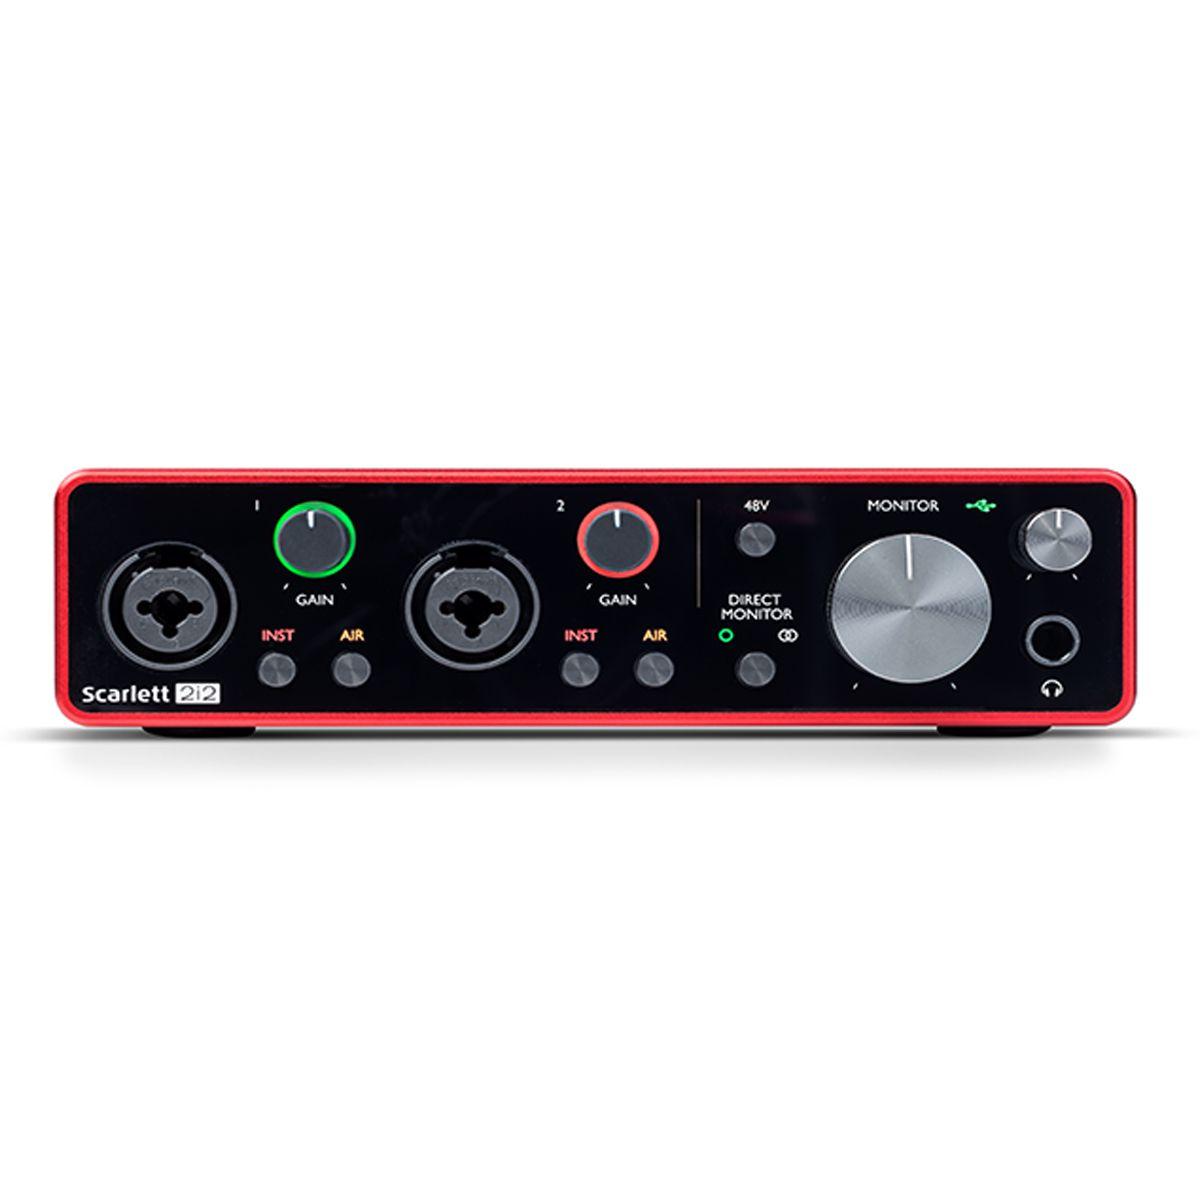 Interface USB - 2 Canais Focusrite Scarlett 2i2 3rd Gen